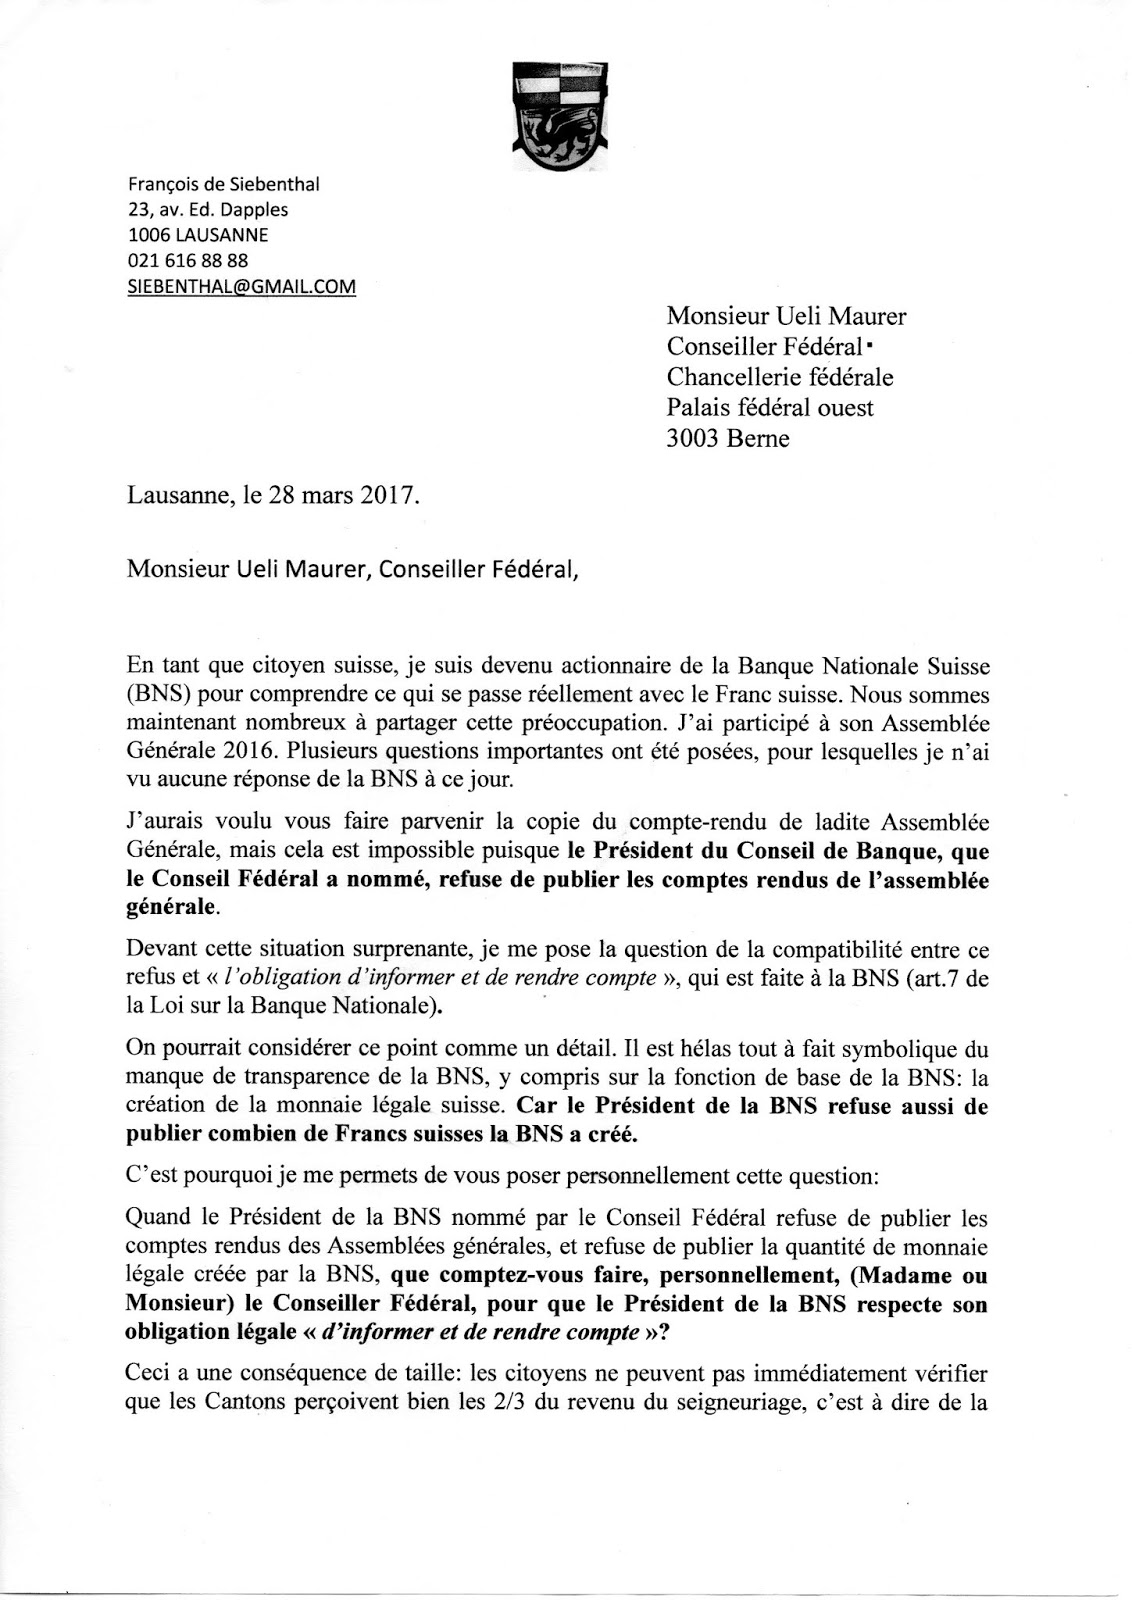 Le Conseiller fédéral trompé par la BNS !